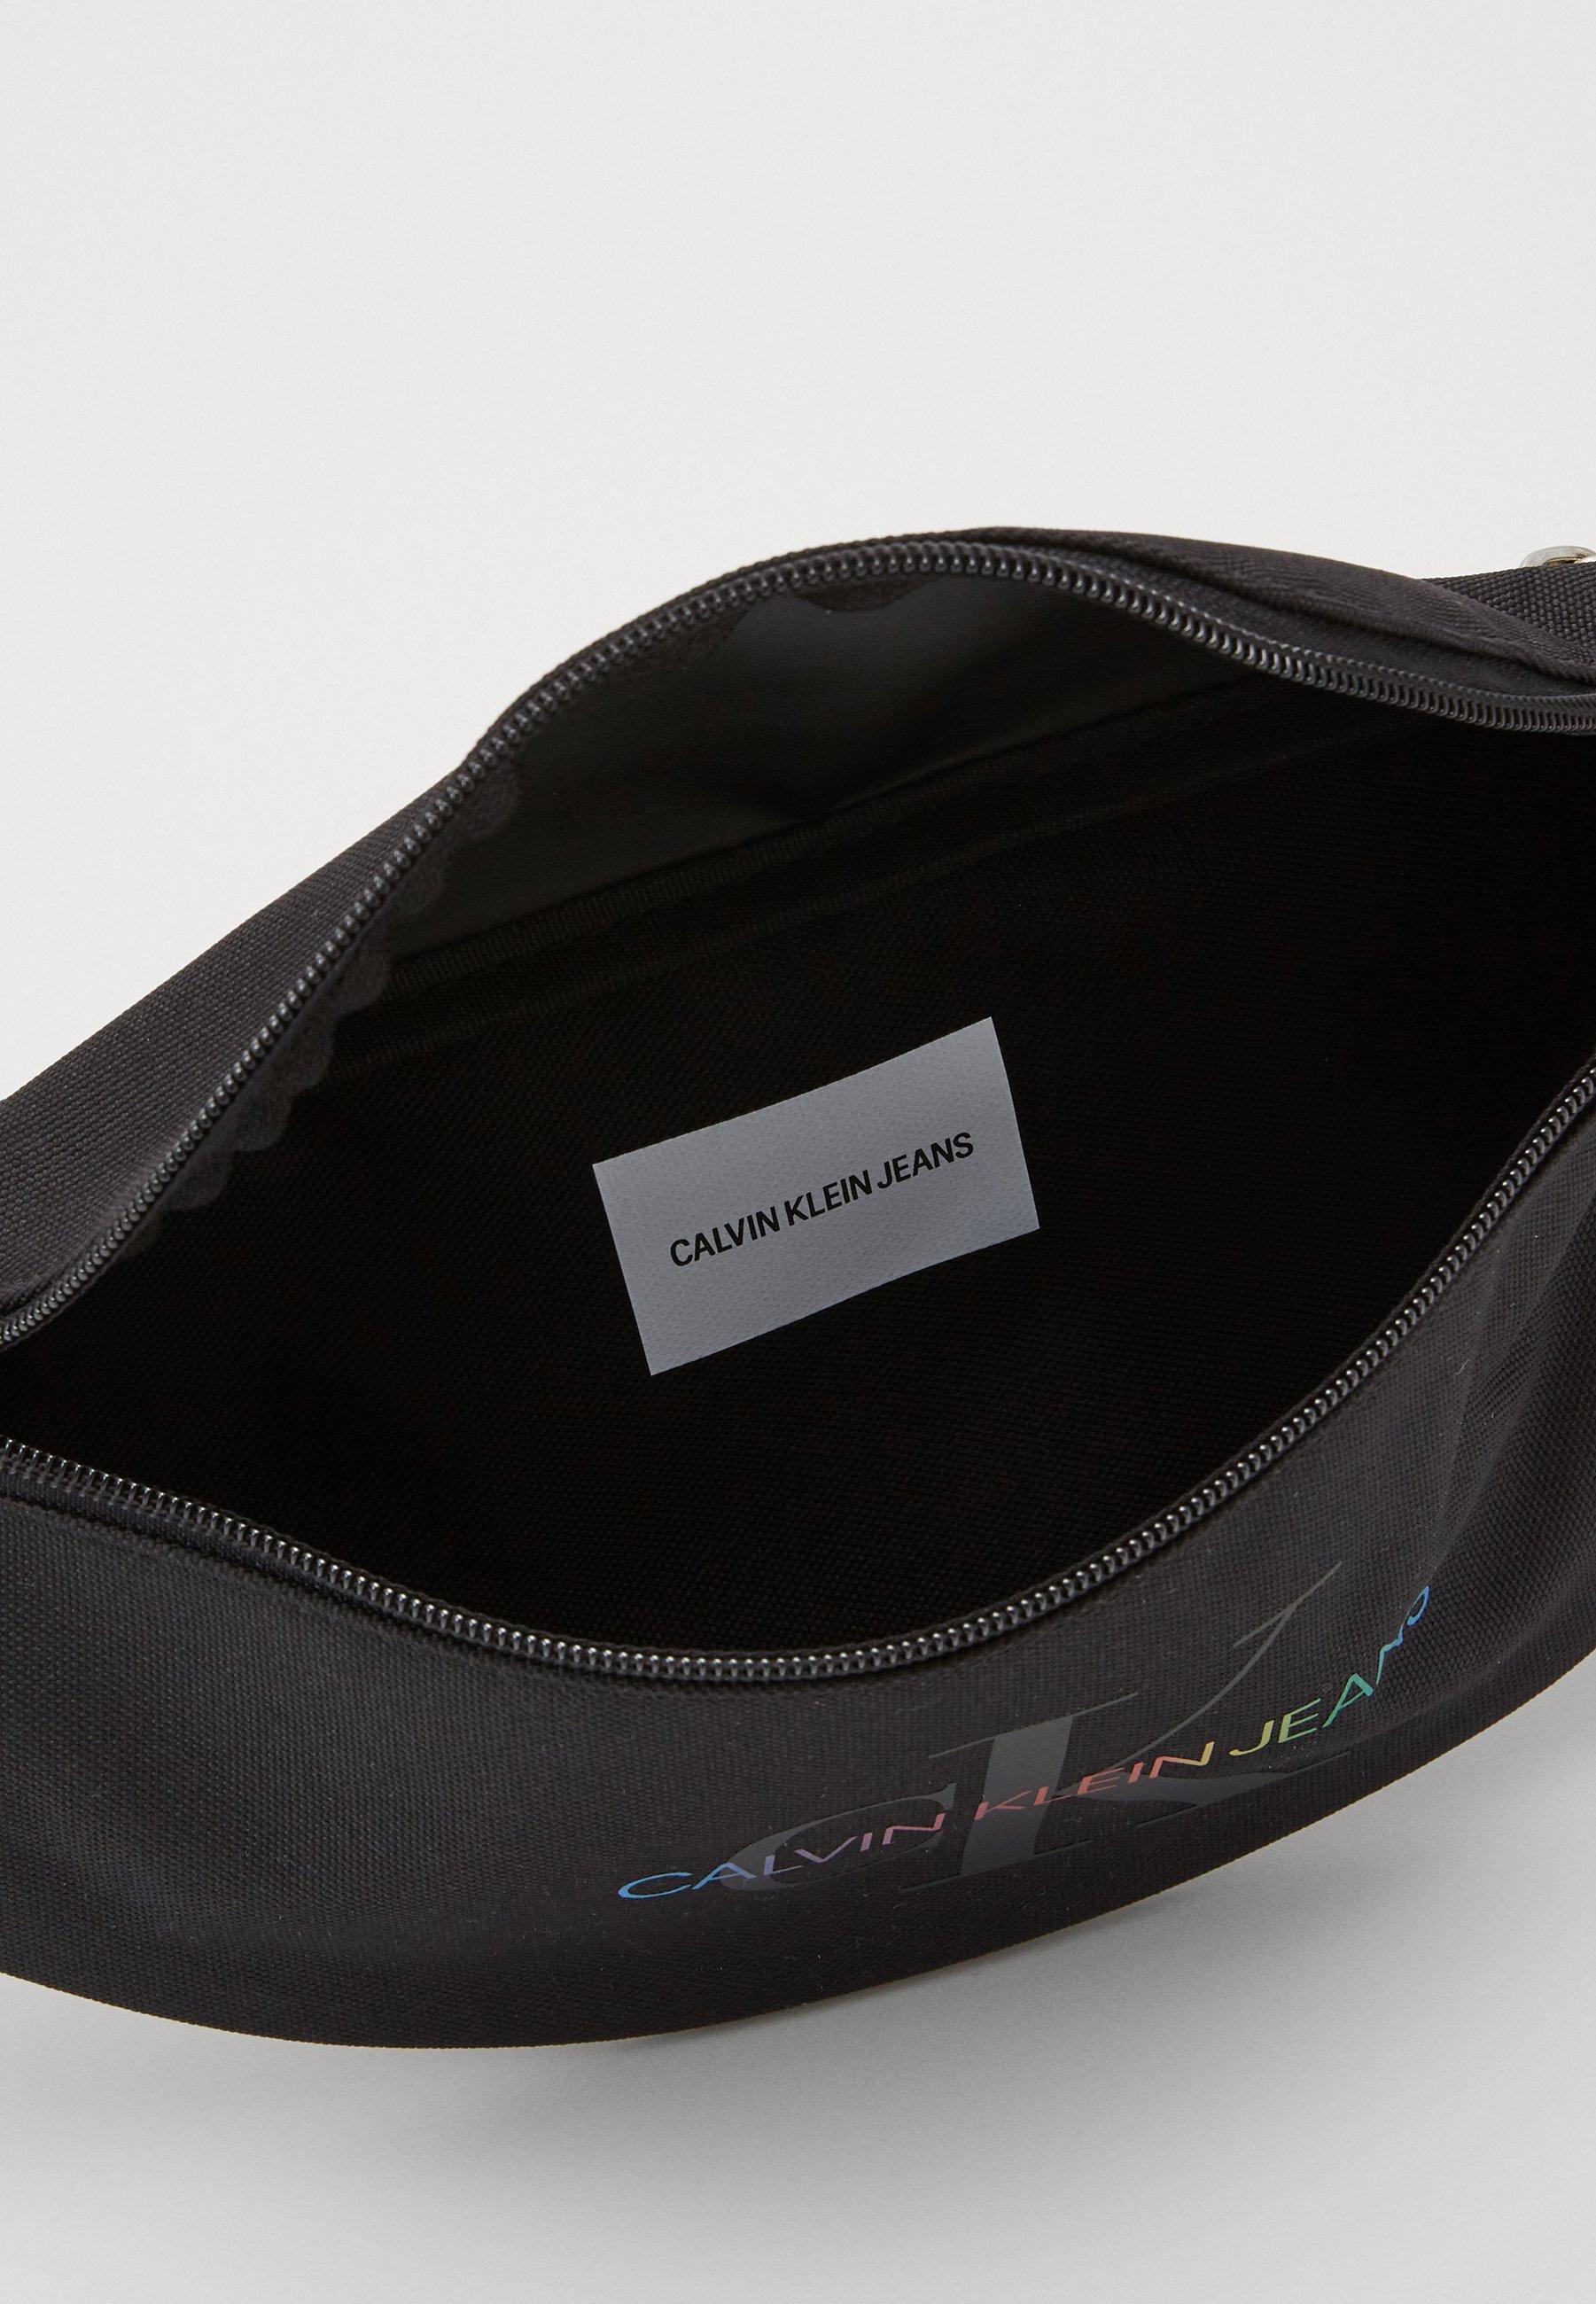 Rabatt Calvin Klein Jeans STREETPACK PRIDE - Gürteltasche - black | Damenbekleidung 2020